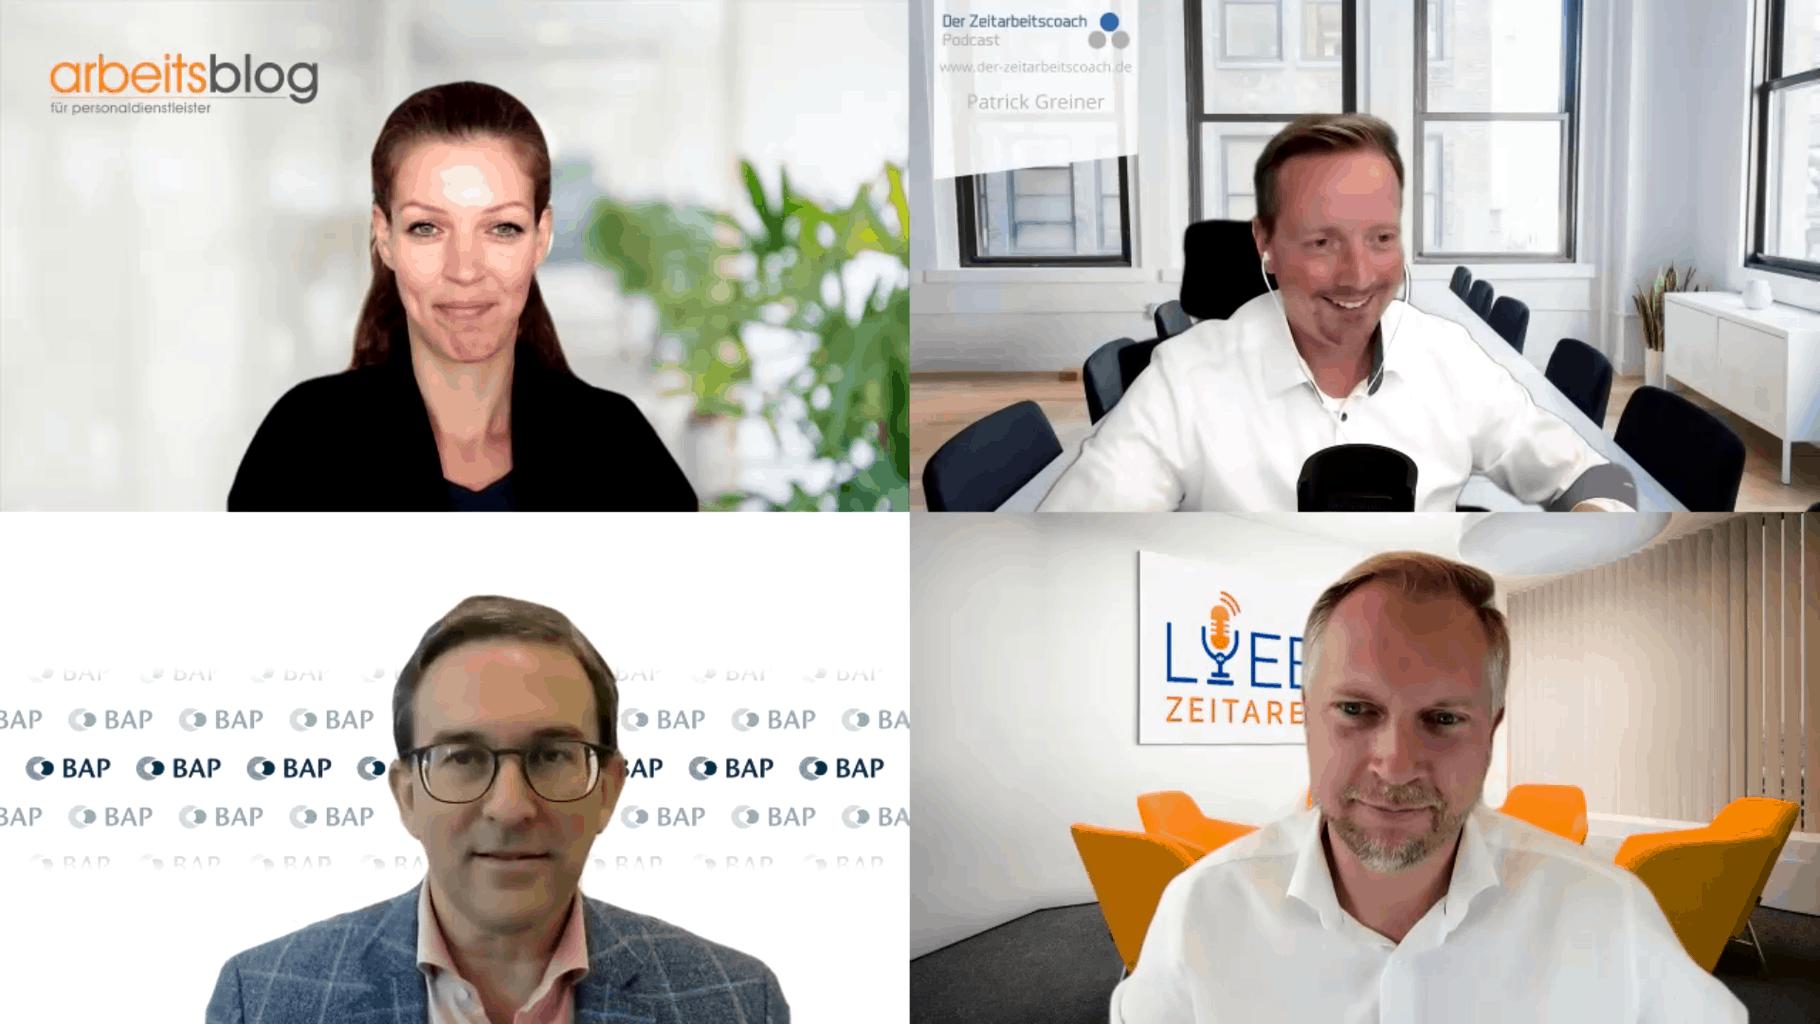 Bundestagswahl 2021_Swyter, Florian_BAP_YT Grafik_Zeitarbeitscoach Podcast